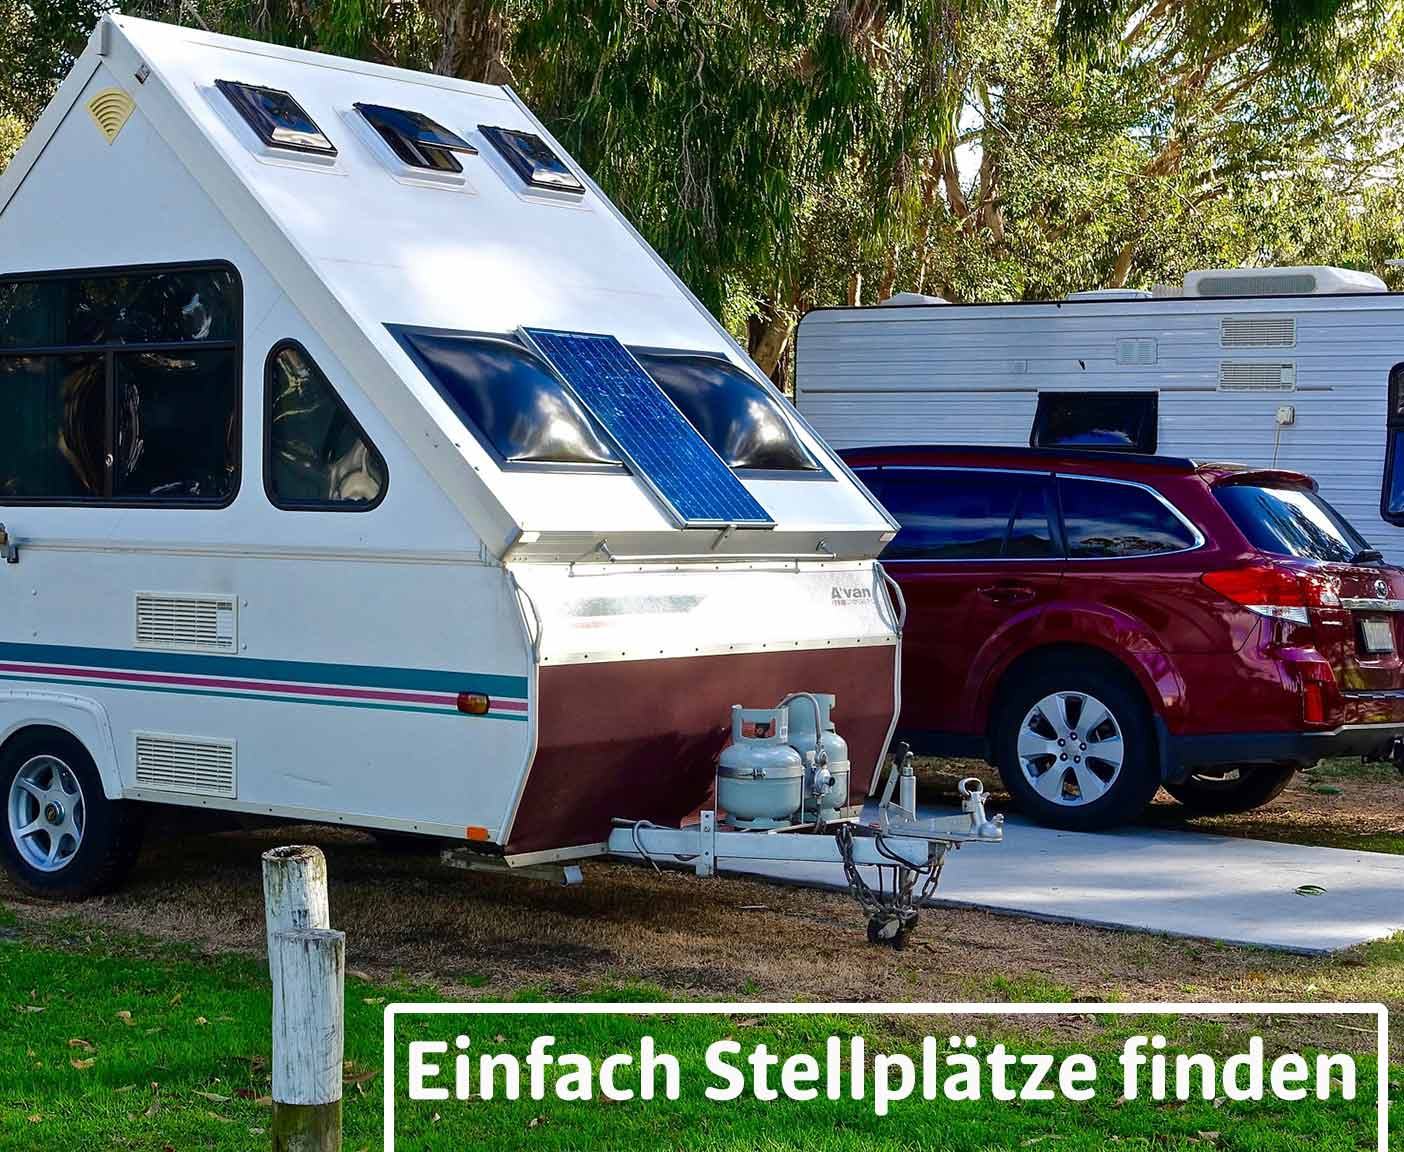 Camping Apps, Wohnwagen, rotes Auto und Wohnmobil auf Campingplatz, Paulcamper